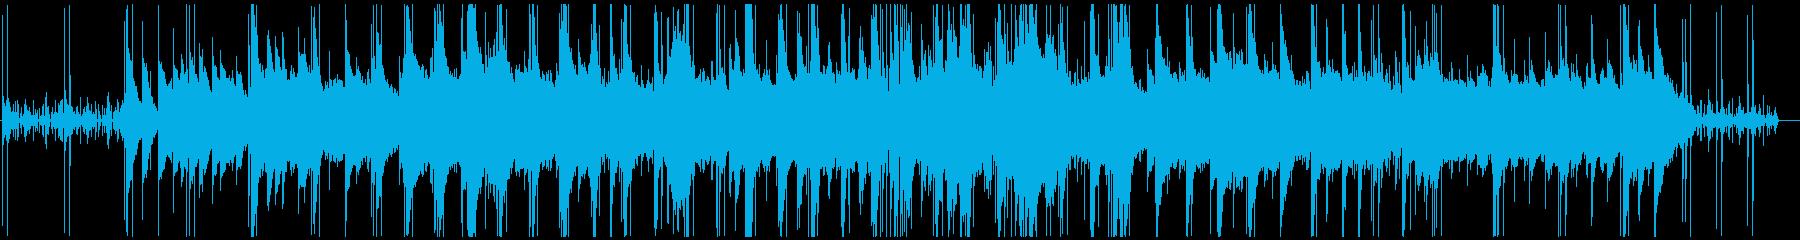 物語の終りに独りごちる静かなピアノジャズの再生済みの波形